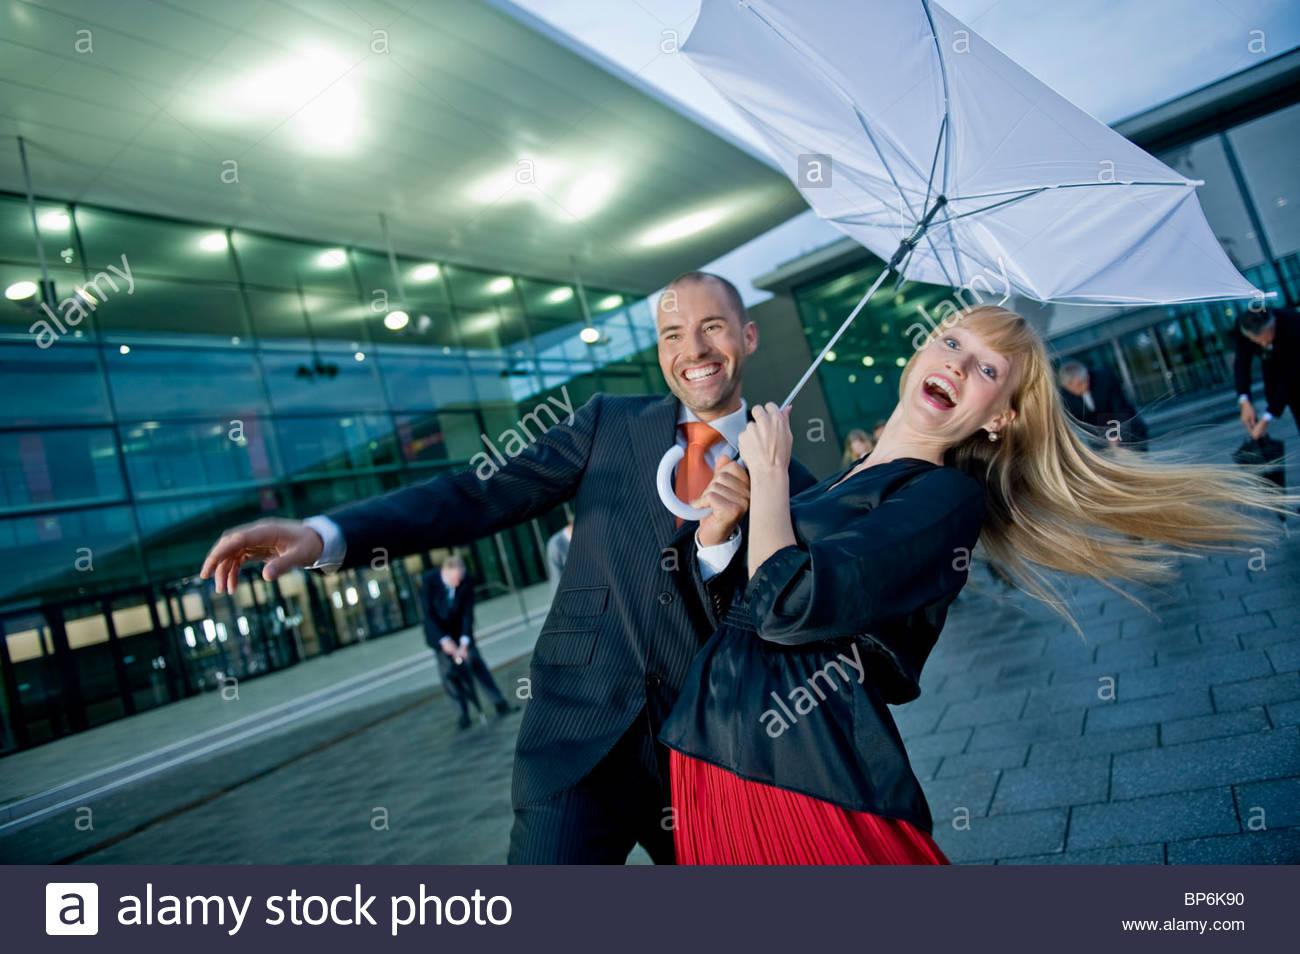 Un empresario y empresaria sosteniendo un paraguas con viento fuerte Imagen De Stock